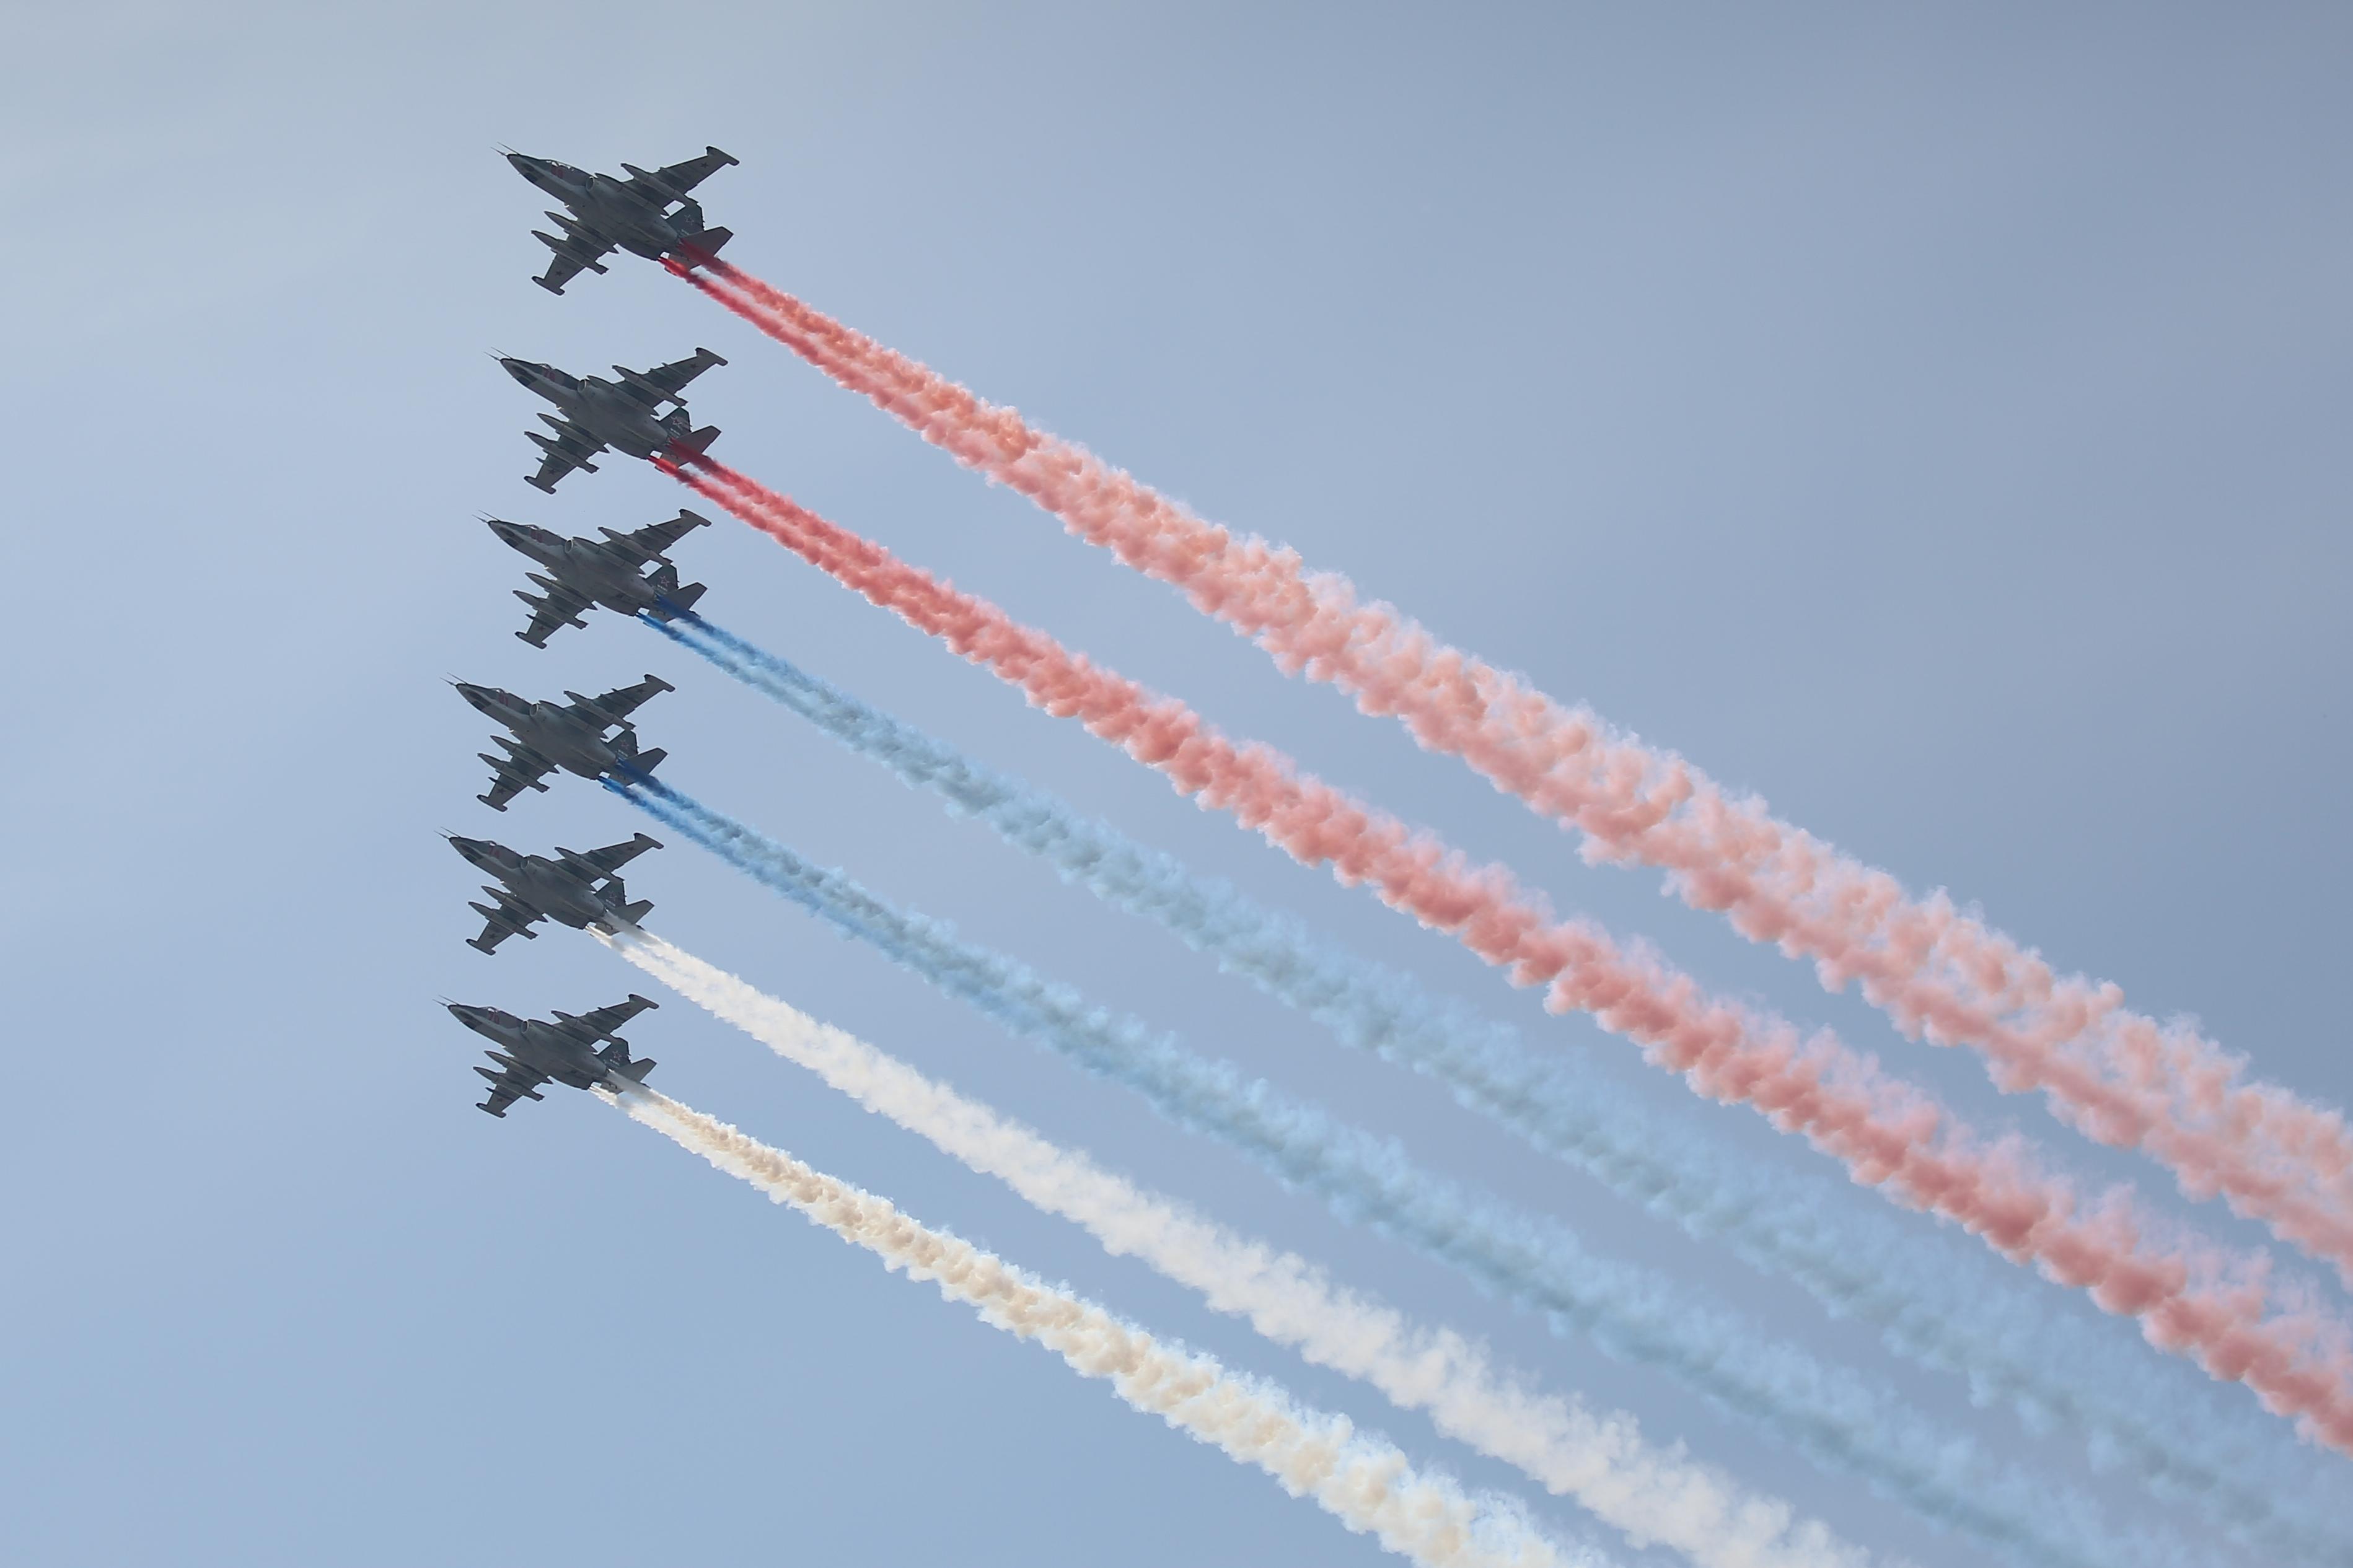 В параде в День ВМФ 2019 в Санкт-Петербурге примет участие и морская авиация — это больше тридцати воздушных судов.